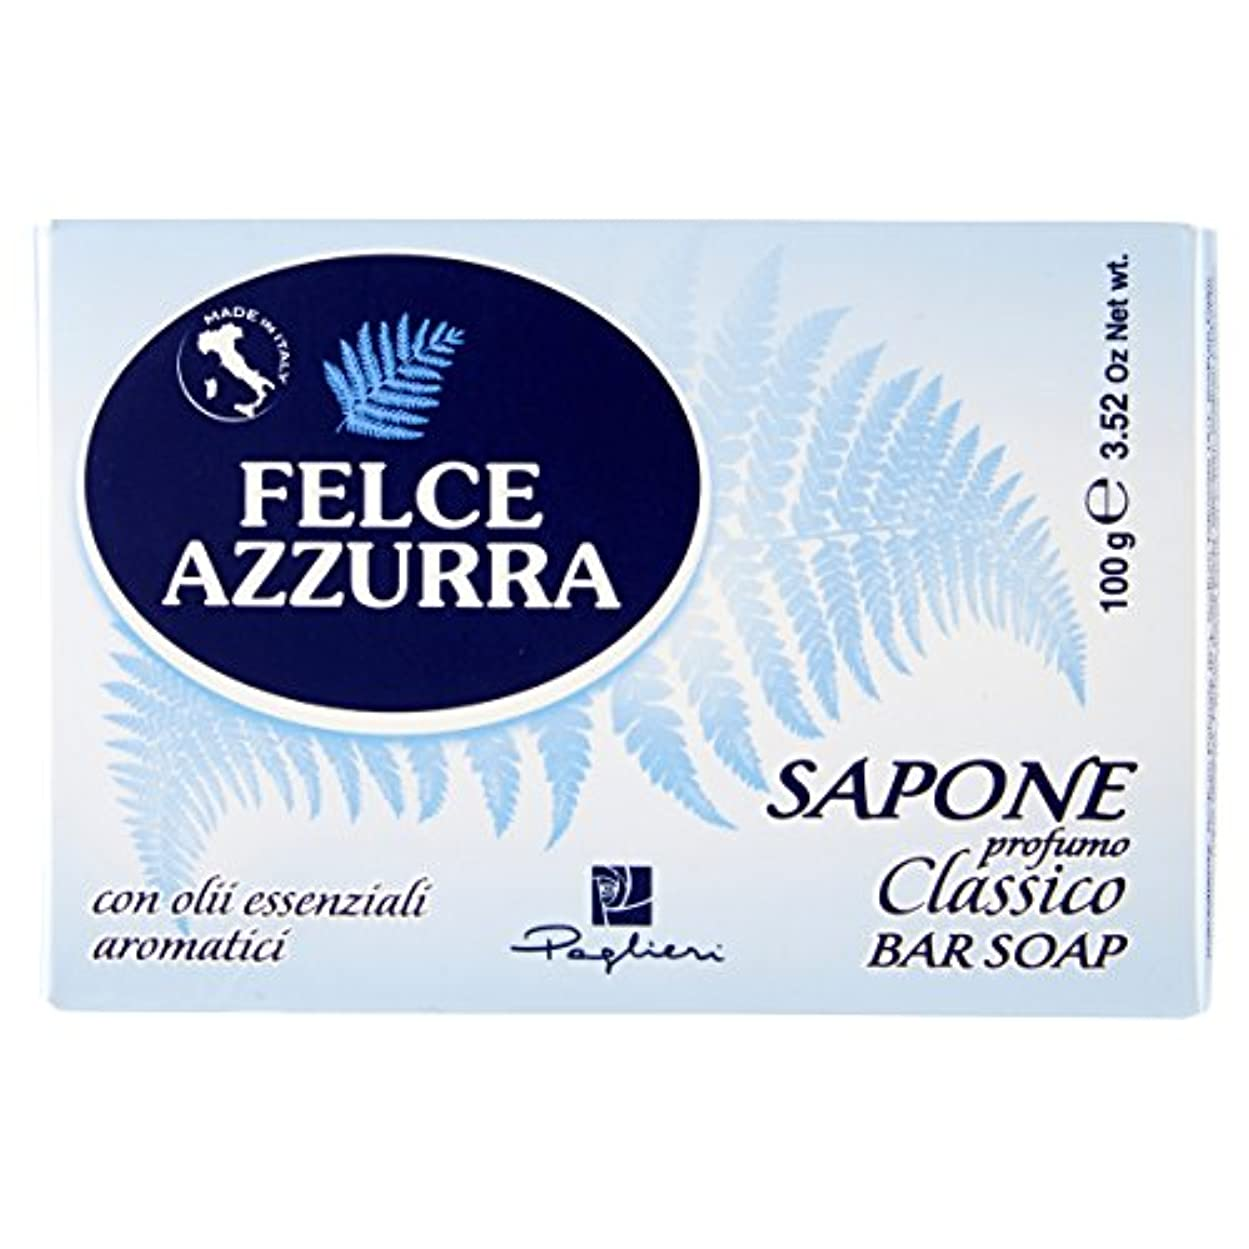 ズームジェット工業用Felce Azzurra Classico Bar Soap 100g soap by Felce Azzurra by Felce Azzurra